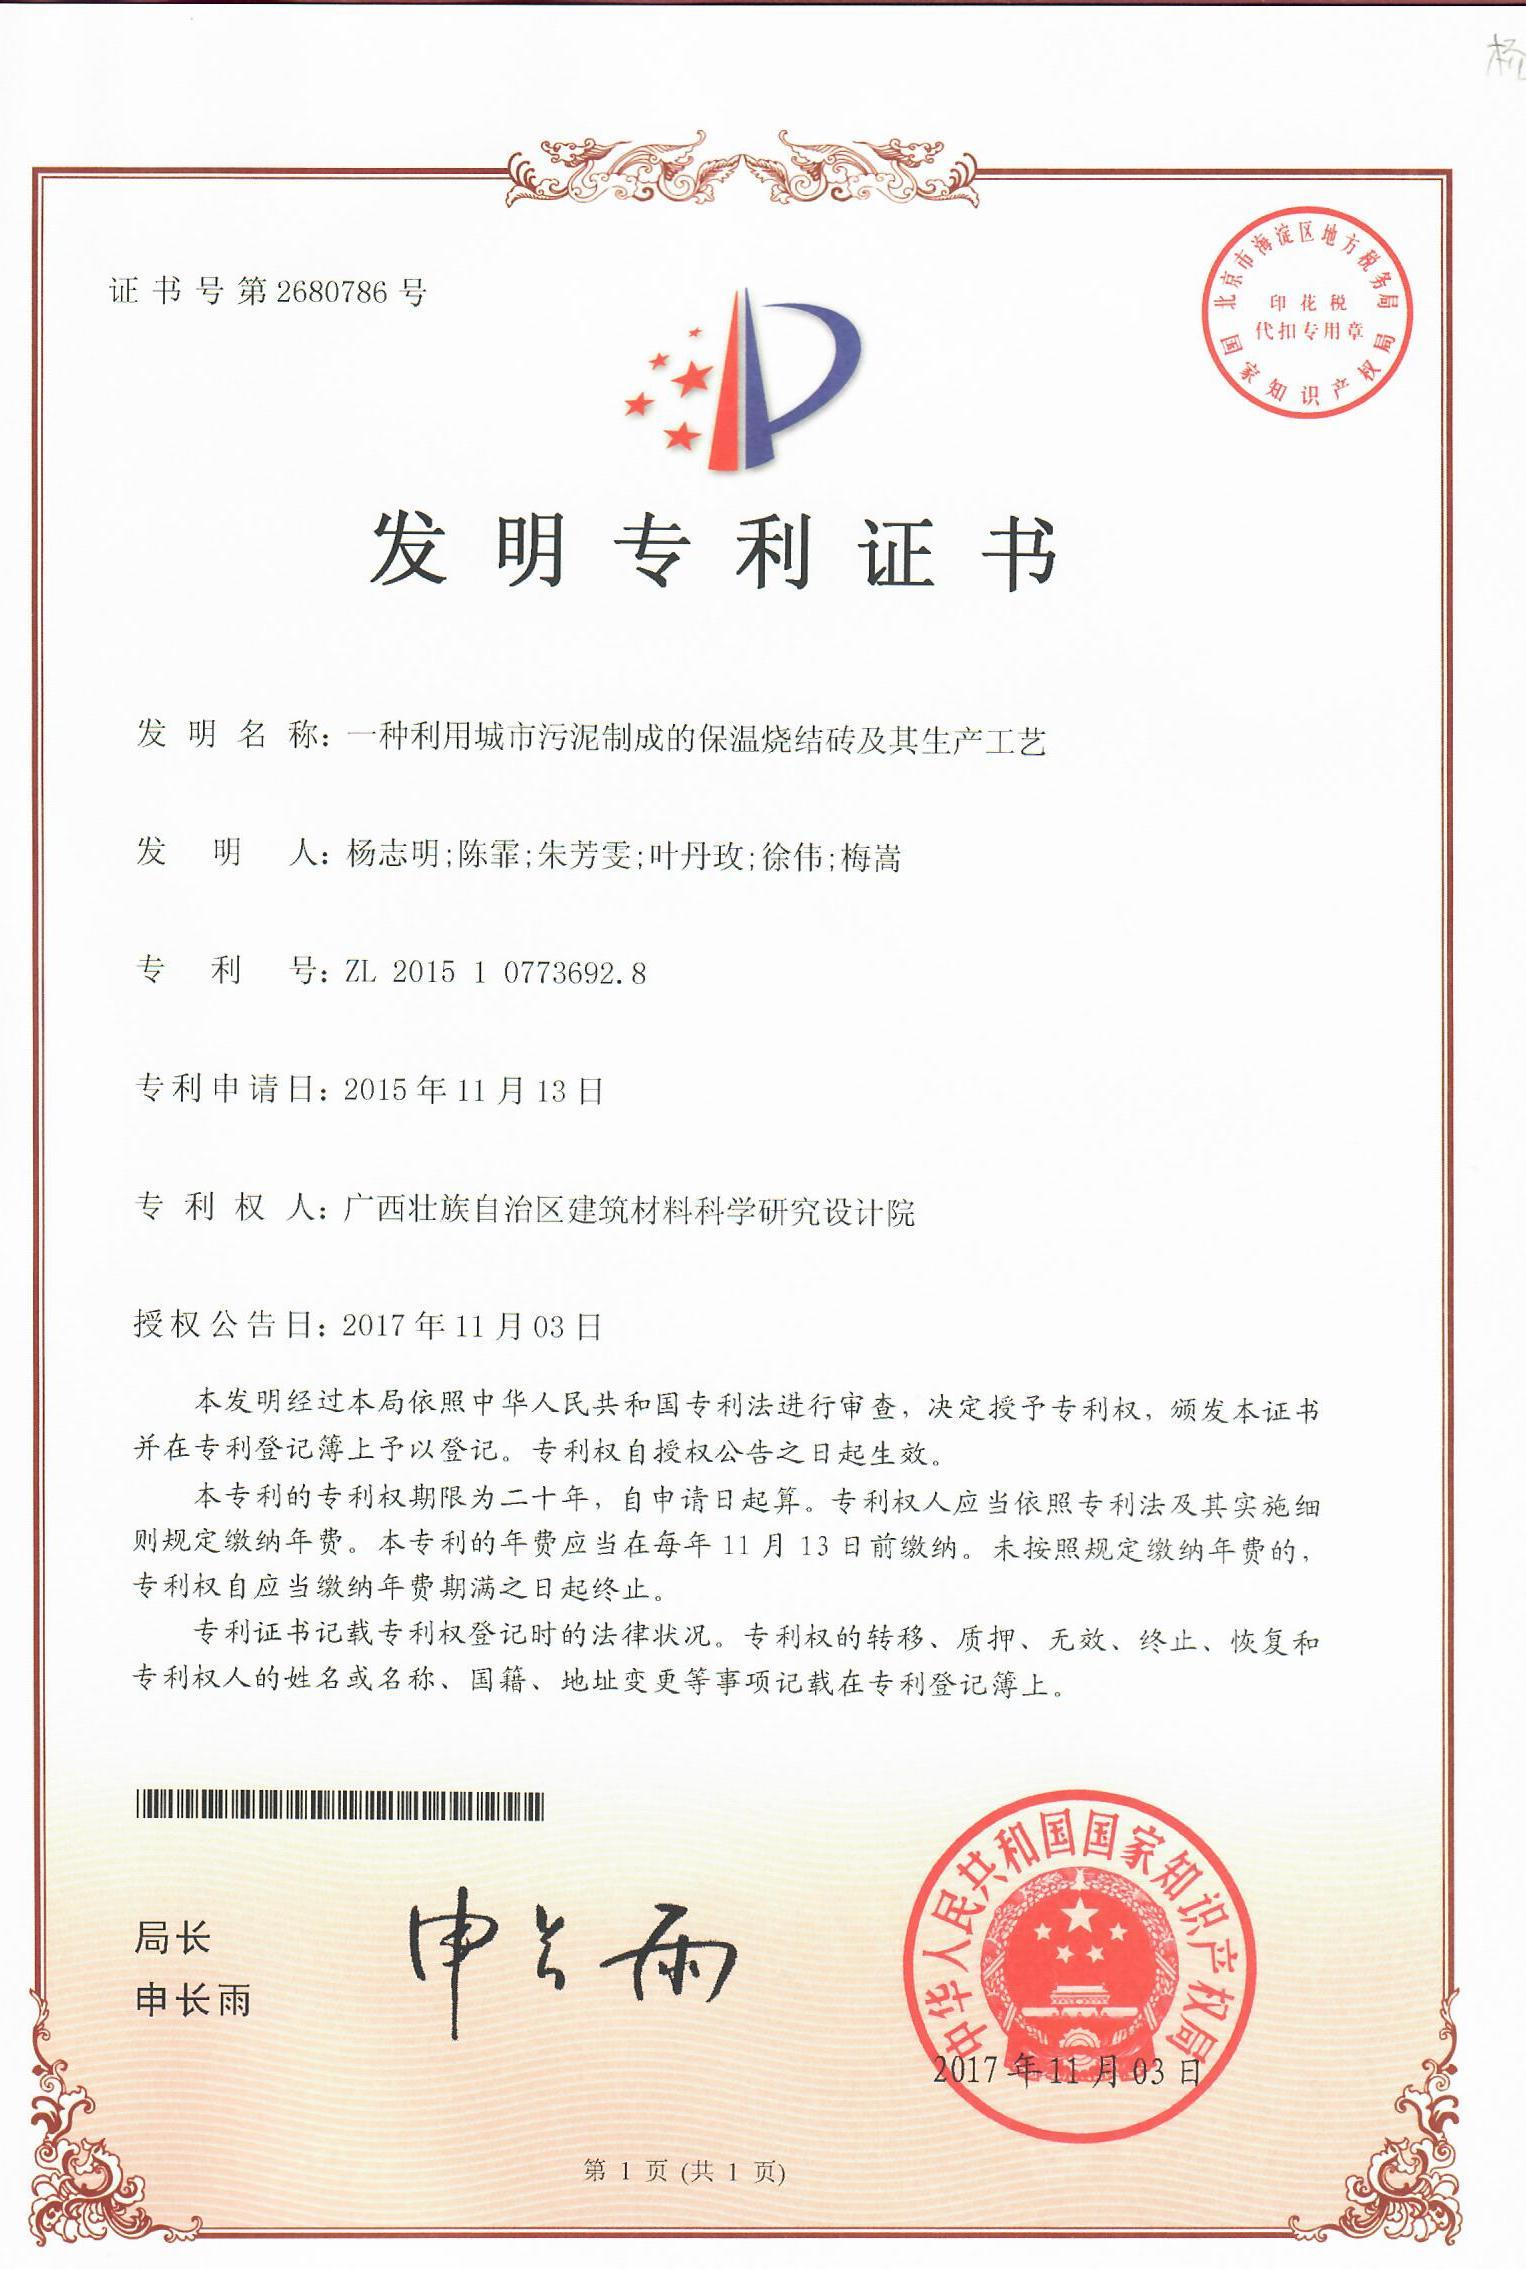 发明专利证书(一种利用城市污泥制成的烧结砖及其生产工艺)